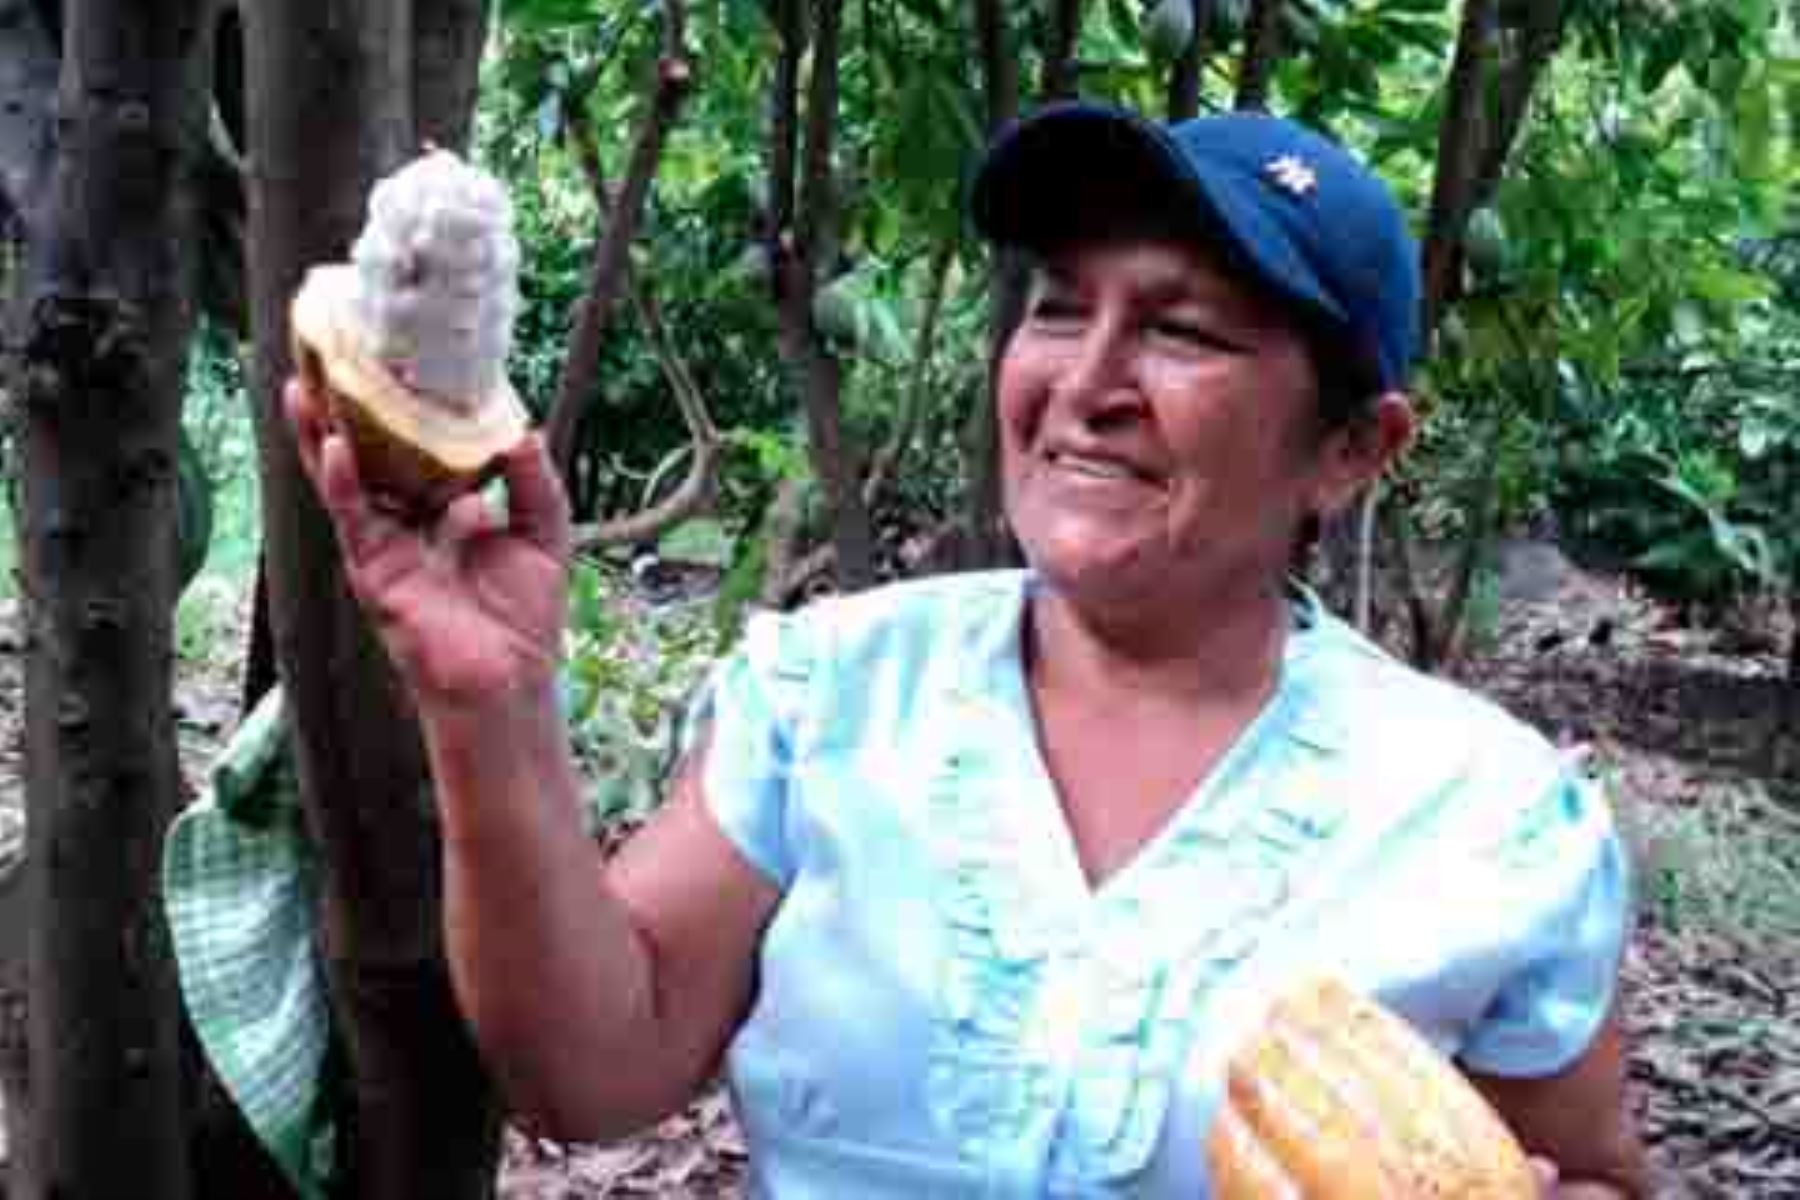 La apuesta por la producción de café y cacao orgánicos, así como de panela, con altos estándares de calidad y comercio justo están permitiendo el ingreso y posicionamiento de estos productos en el exigente y competitivo mercado mundial, así como la mejora en las condiciones de vida de 7,000 productores en 6 regiones del Perú.